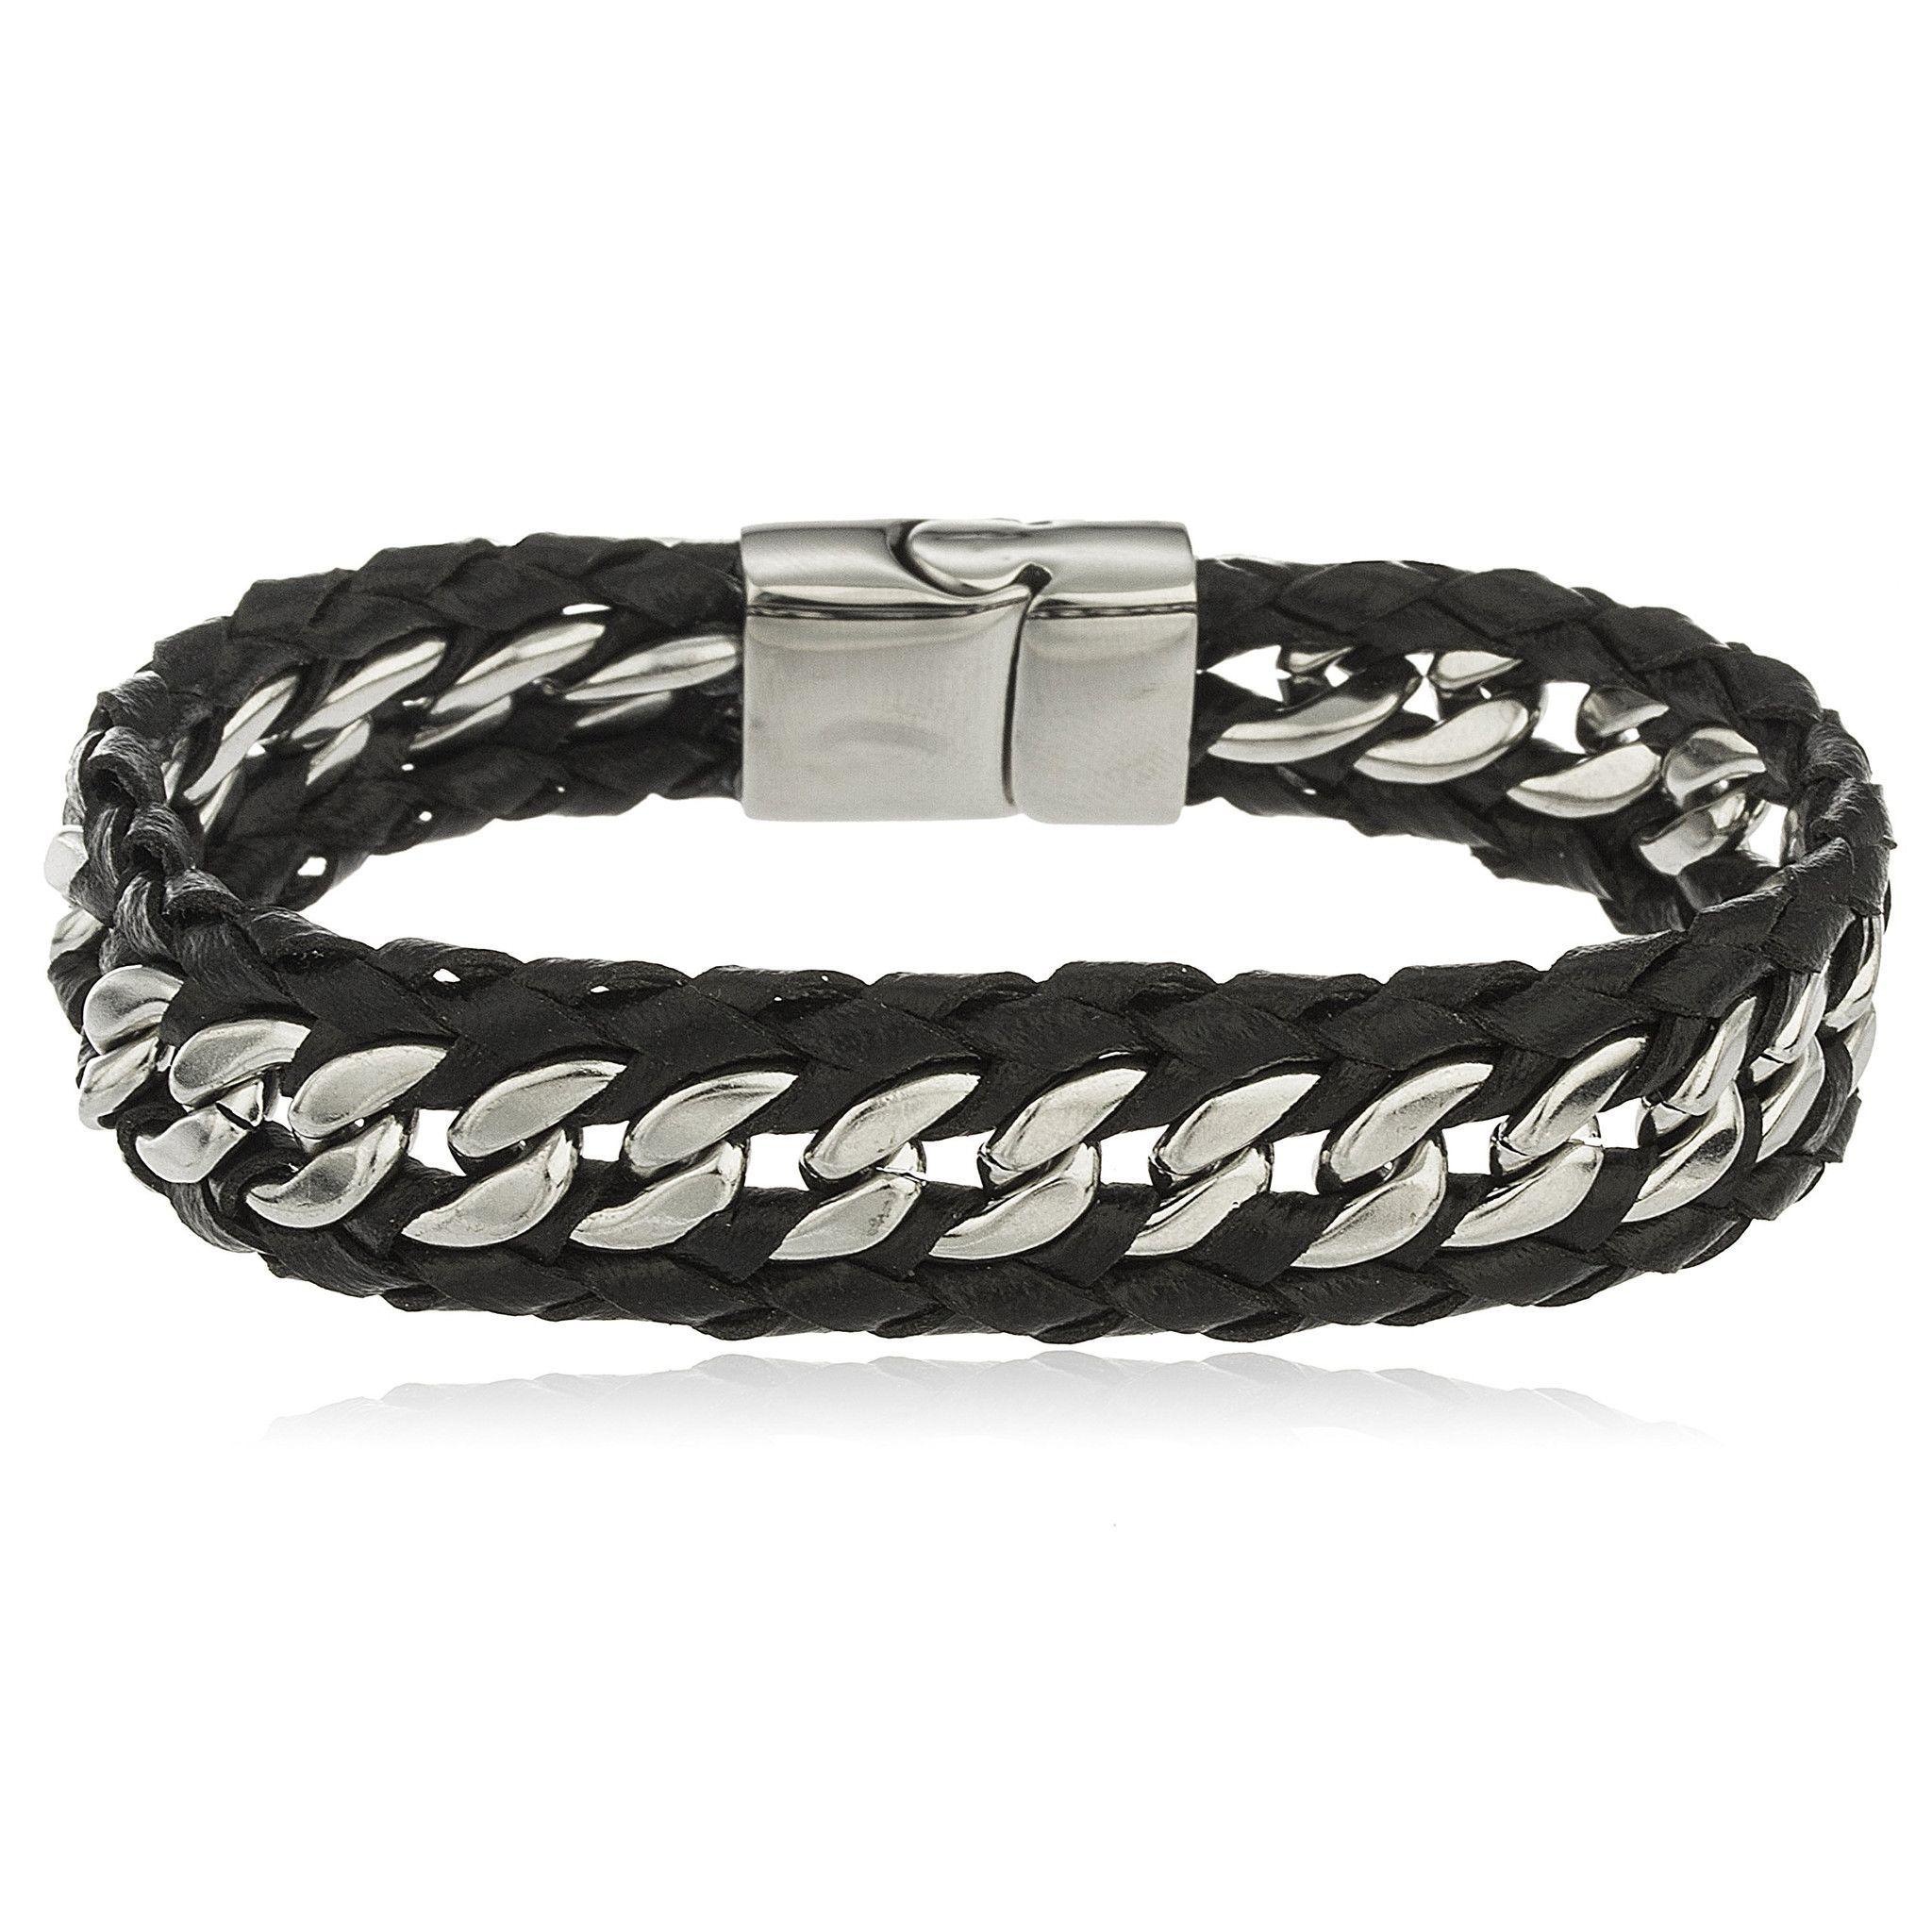 Fine Jewelry Mens Stainless Steel Braided Chain Bracelet CXG69y